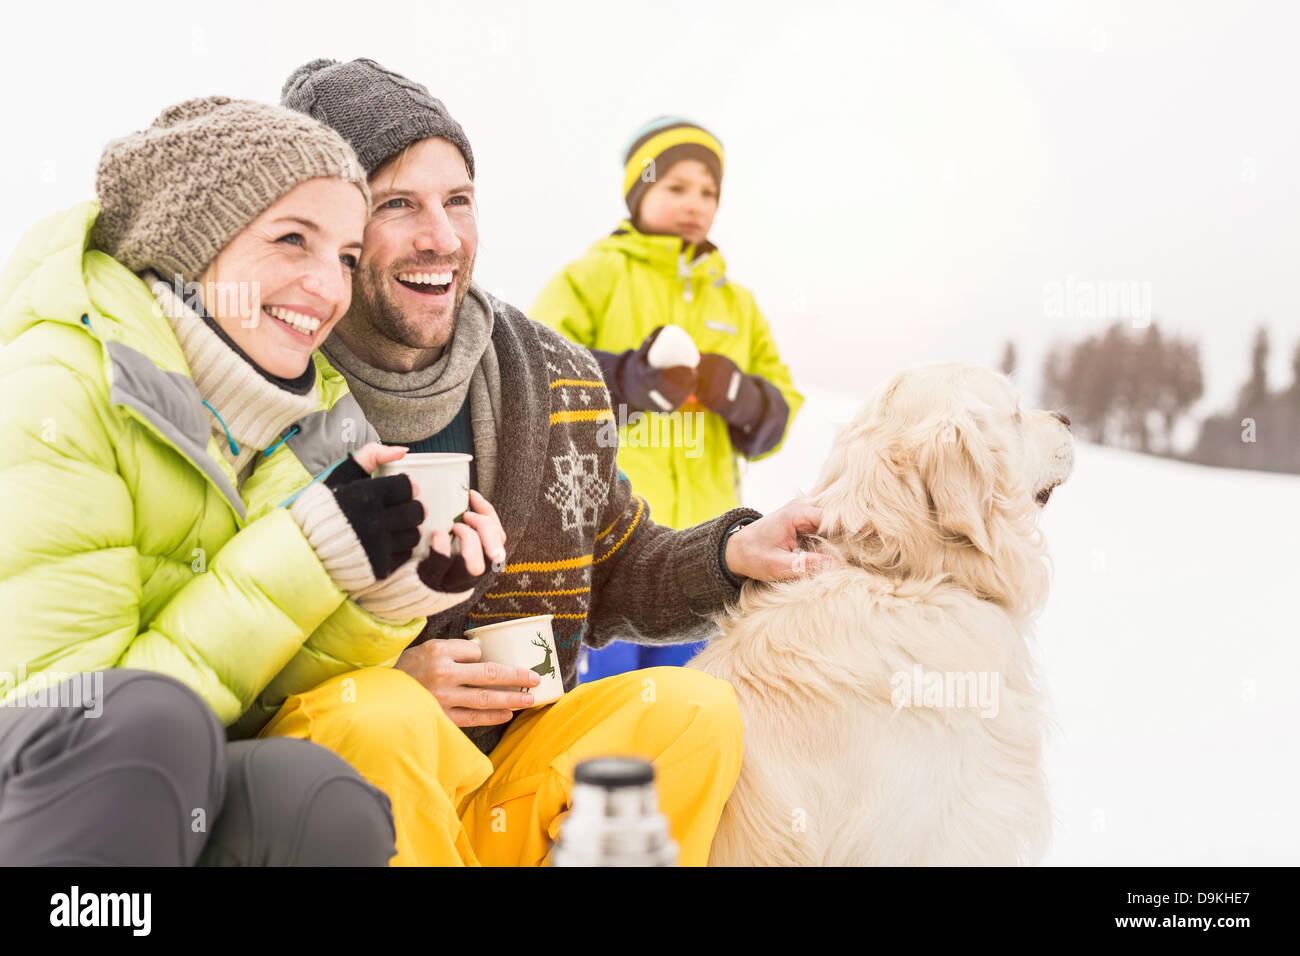 Mann und Frau mit heißen Getränken und Hund, Sohn im Hintergrund Stockbild